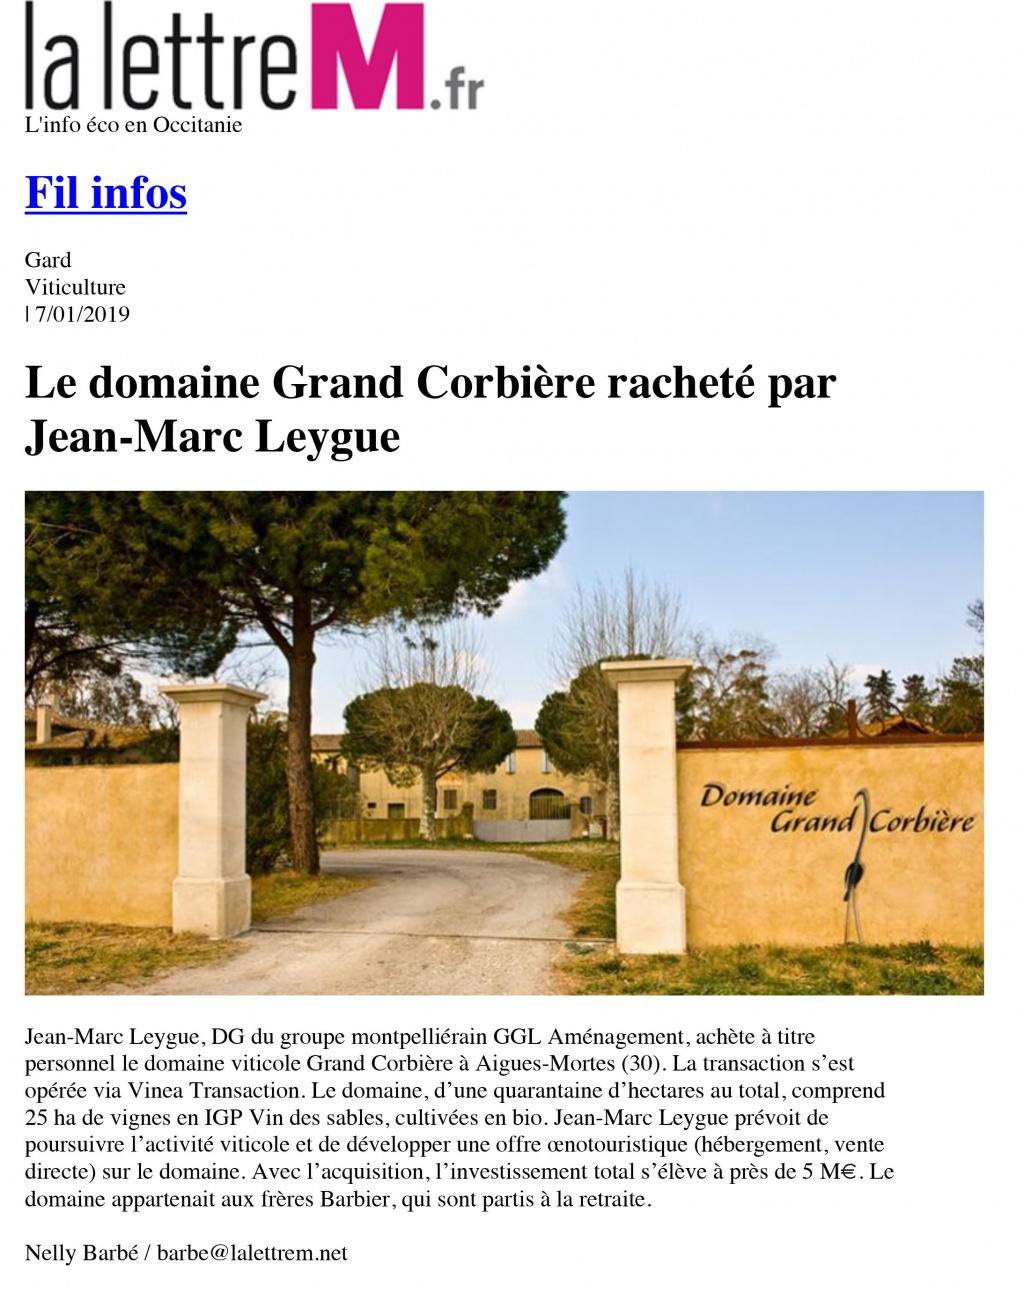 Le domaine Grand Corbière racheté par Jean-Marc Leygue